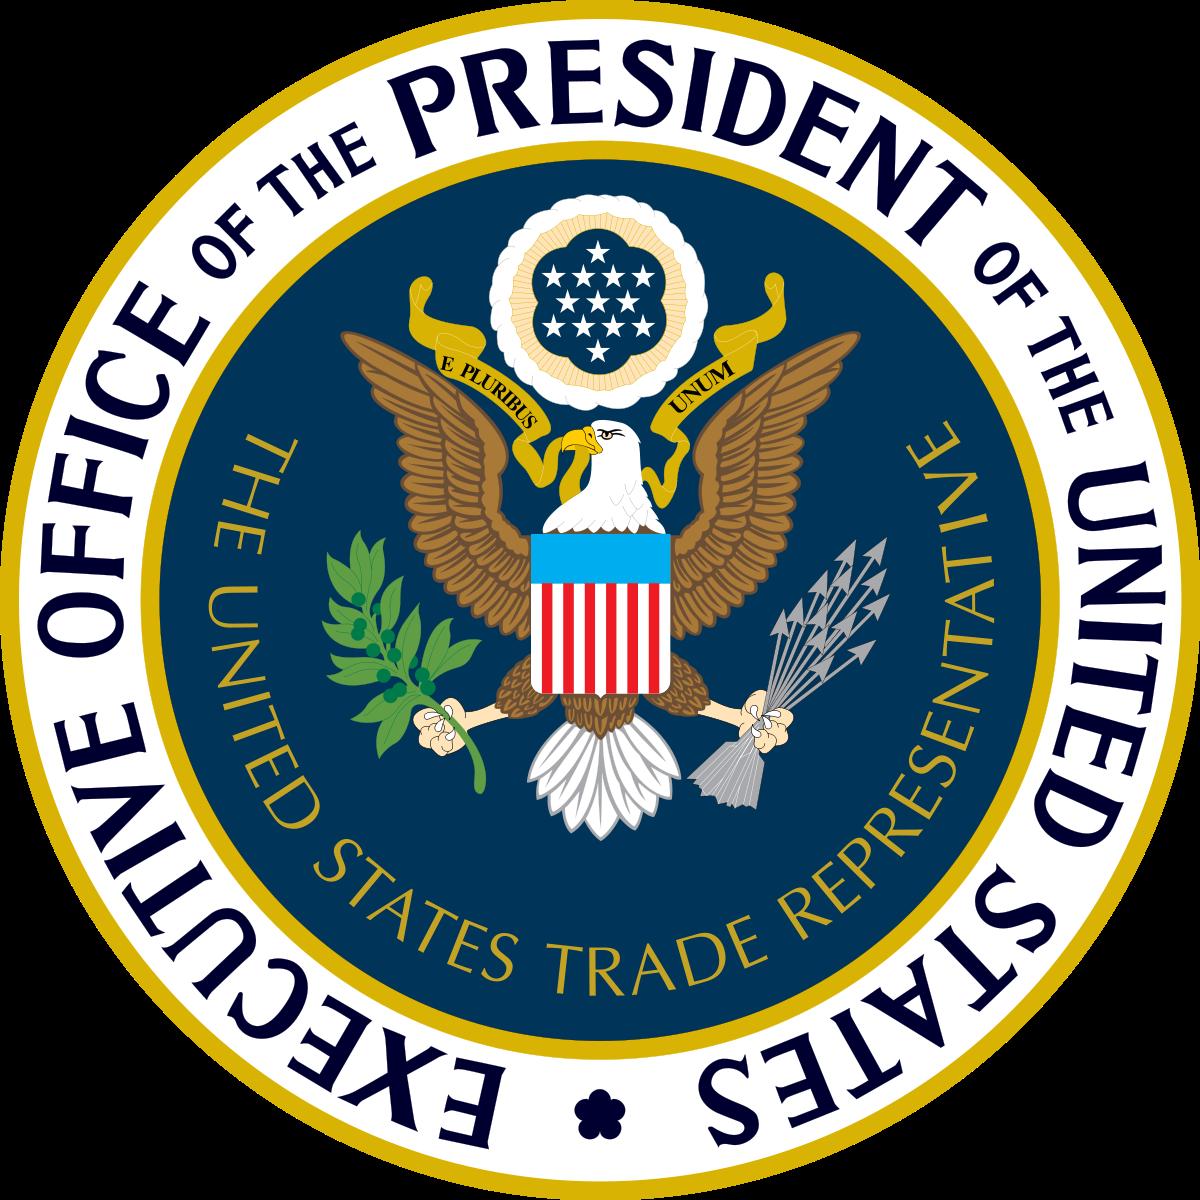 United States Trade Representative Seal